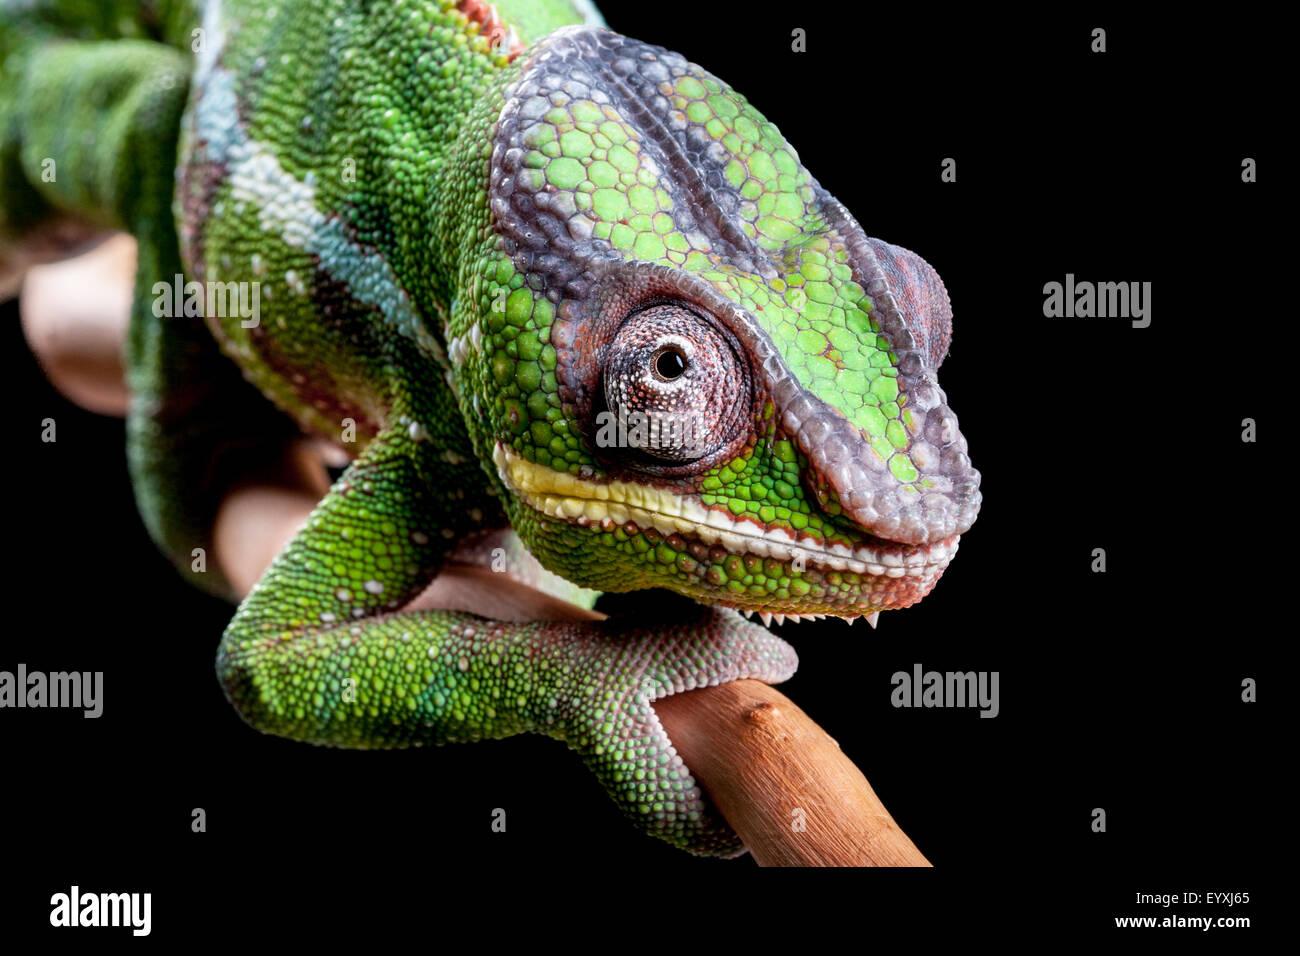 Panther Chameleon, Furcifer pardalis - Stock Image